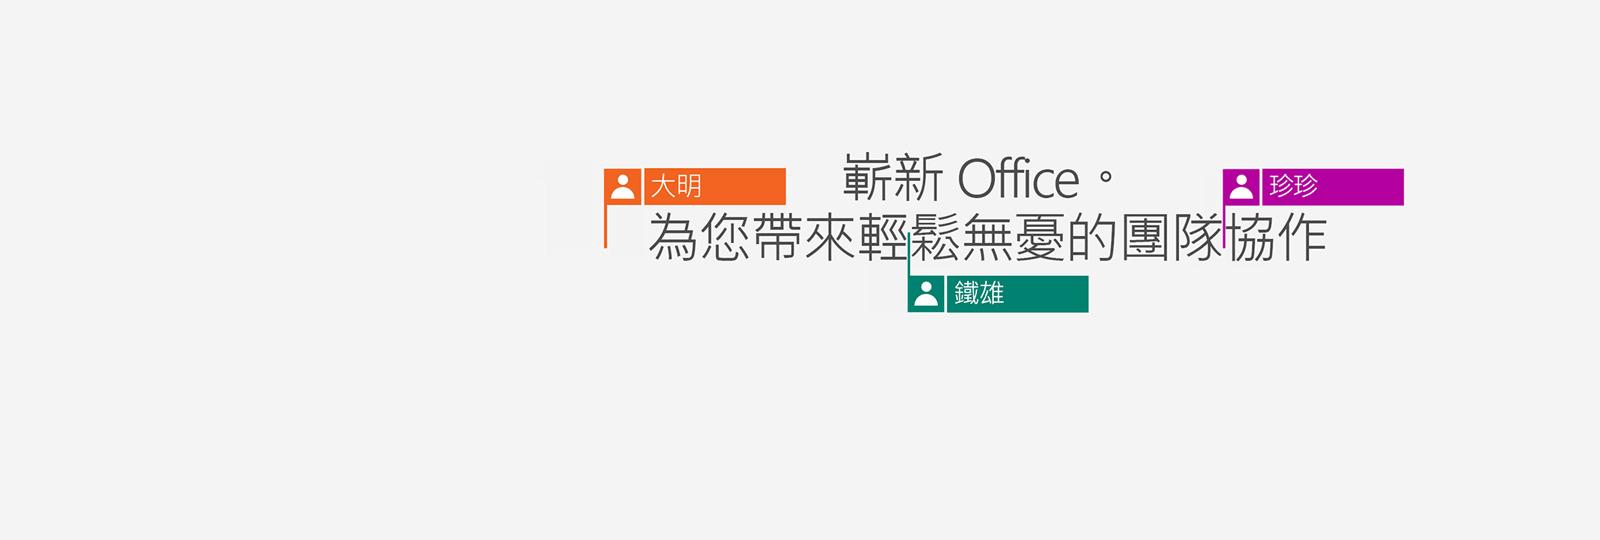 購買 Office 365 即可獲得全新的 2016 應用程式。